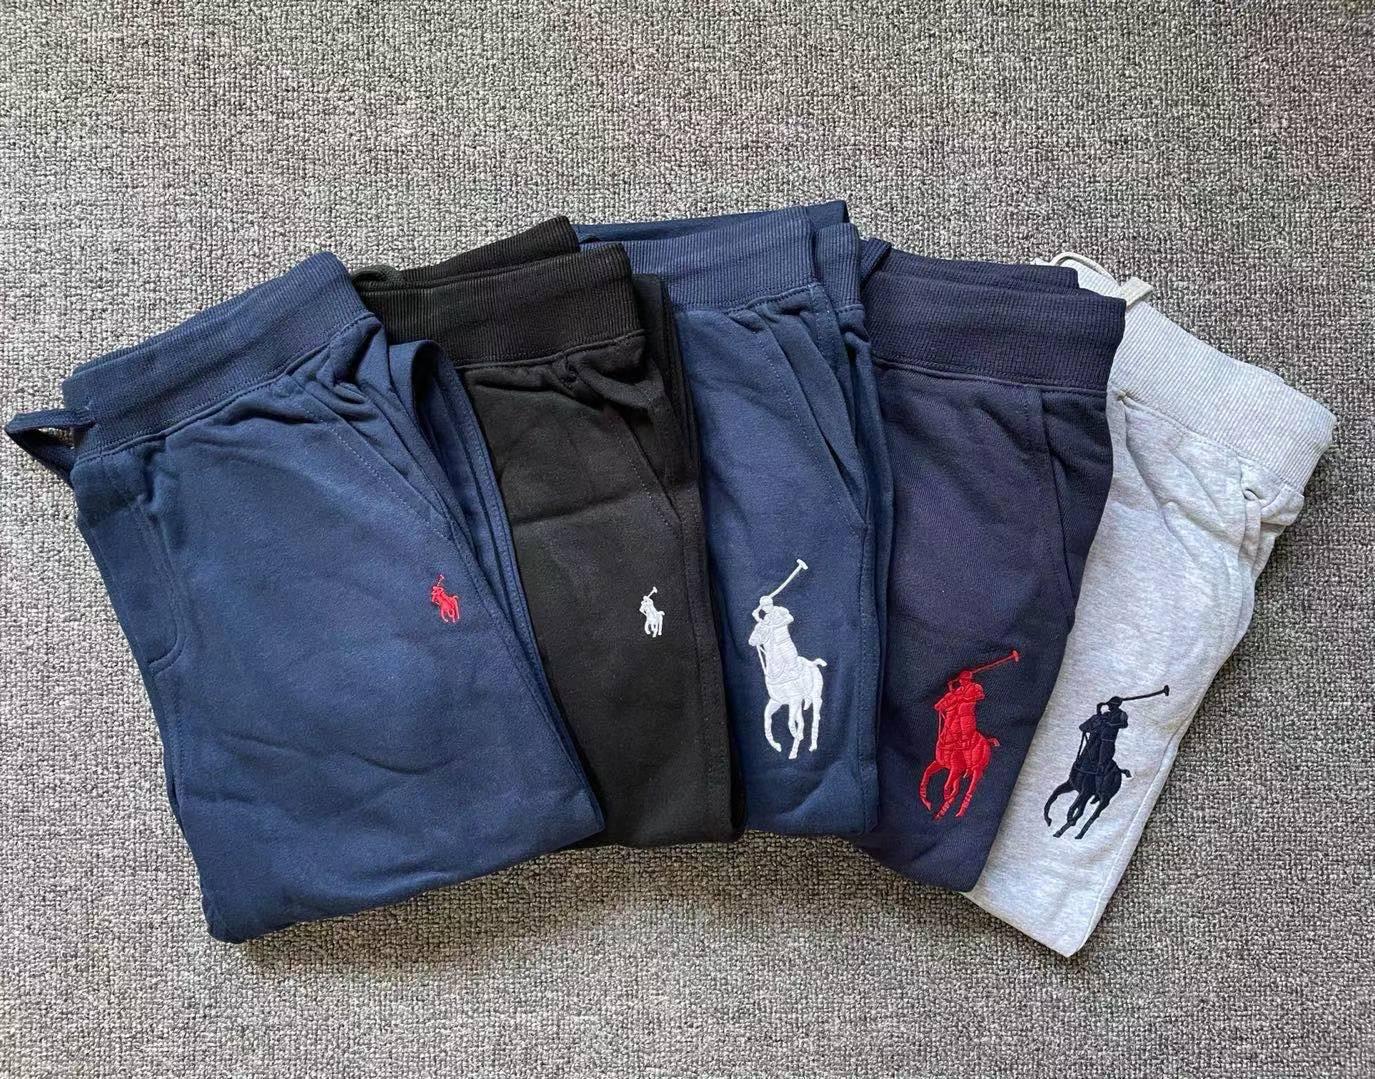 【多妈名品rl家】儿童21新款可卫裤